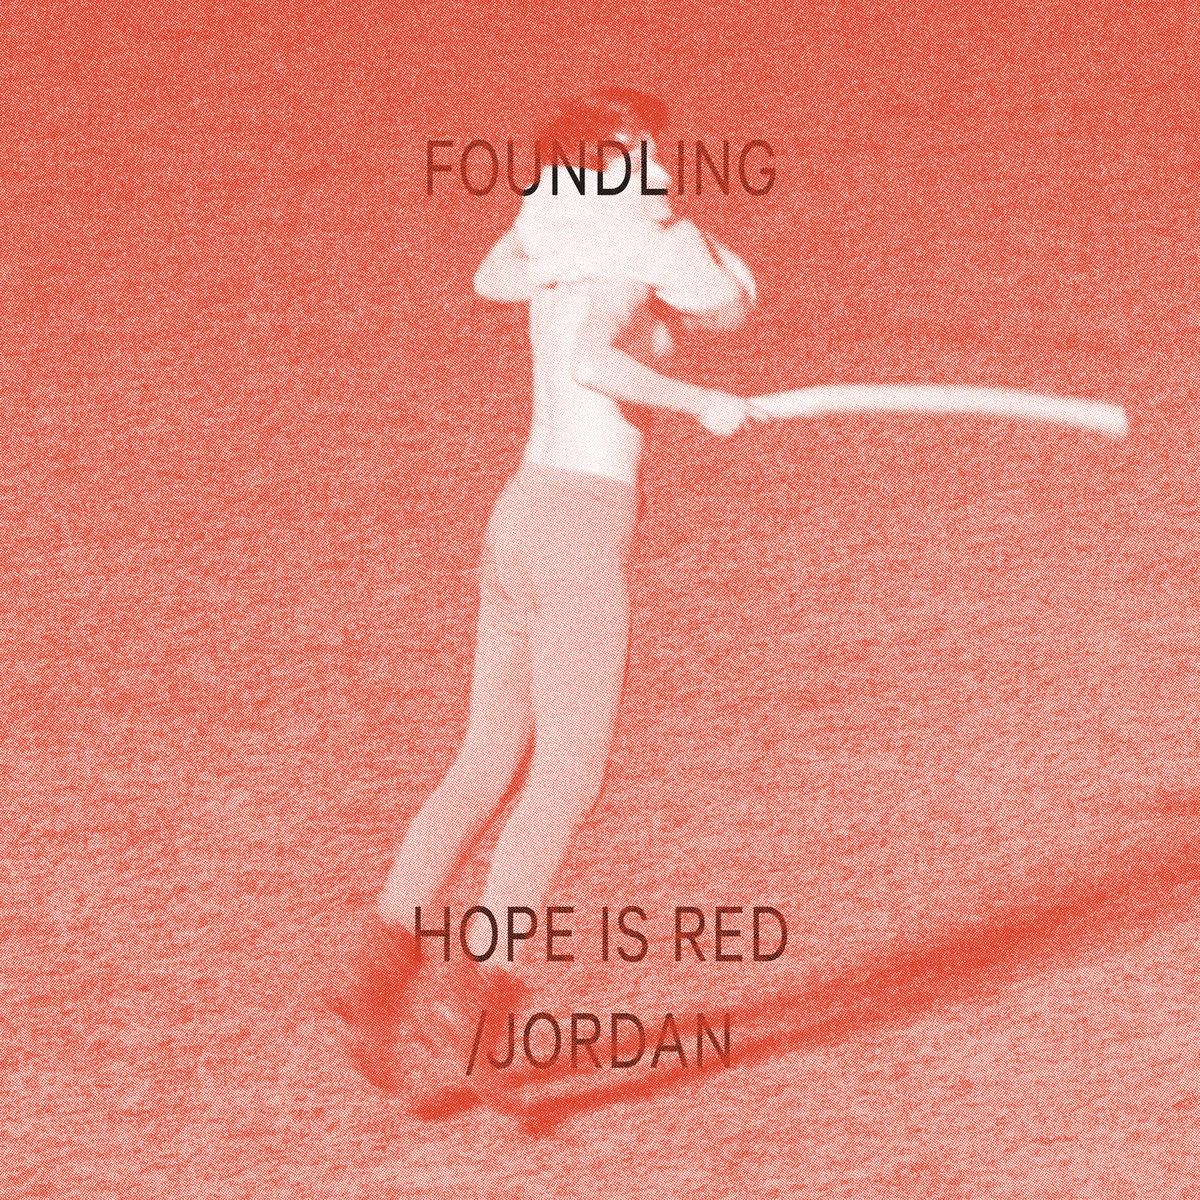 Hope Is Red / Jordan (Album Cover)